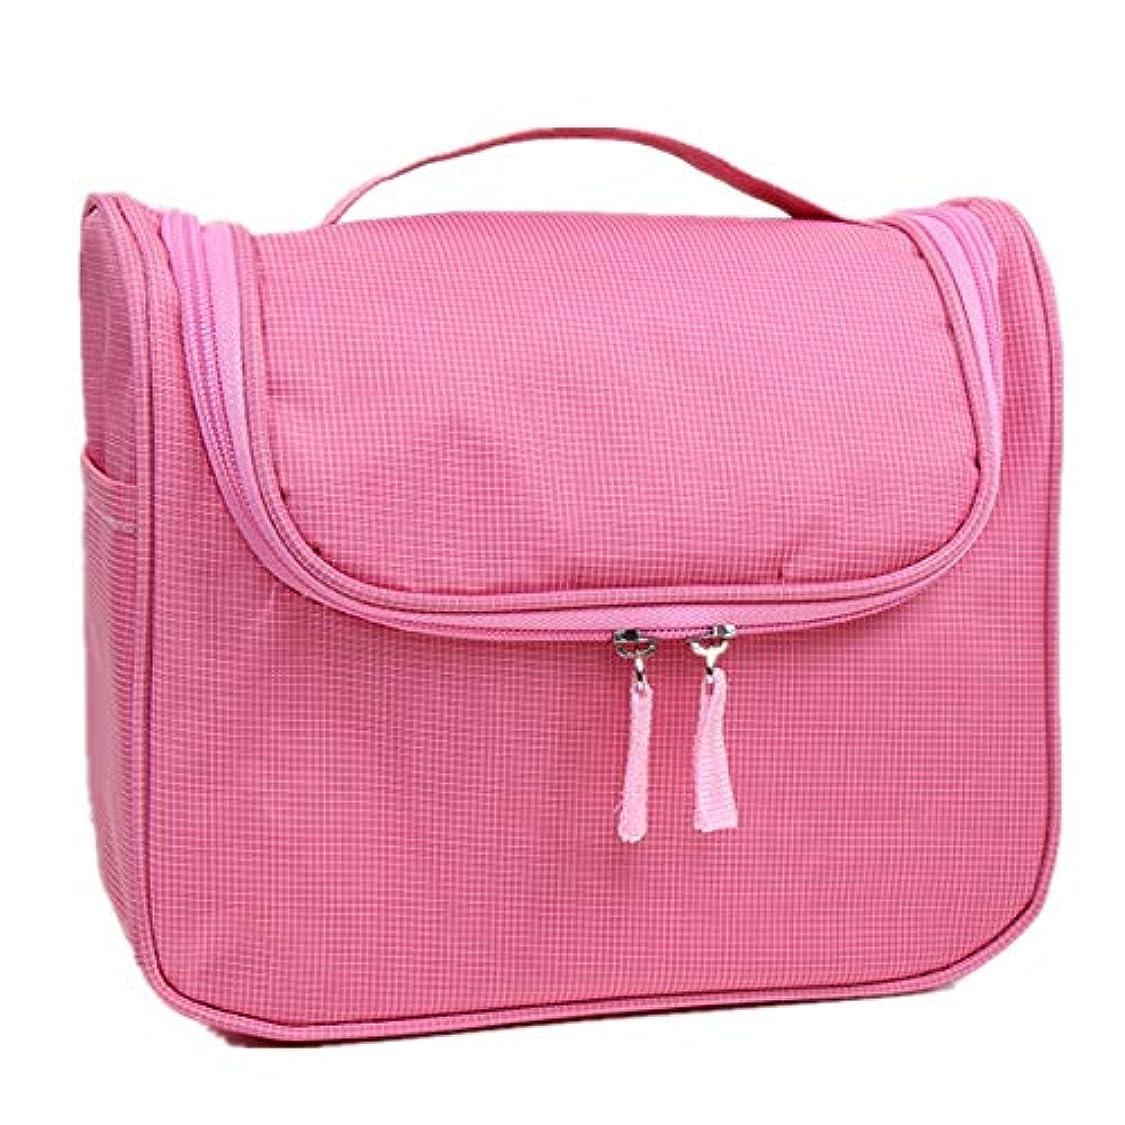 ブランド集団的取るに足らない化粧オーガナイザーバッグ 大容量の旅行化粧品バッグ丈夫で耐久性のある洗濯可能な化粧品保管コンセントレーションバッグウォッシュバッグ 化粧品ケース (色 : ピンク)